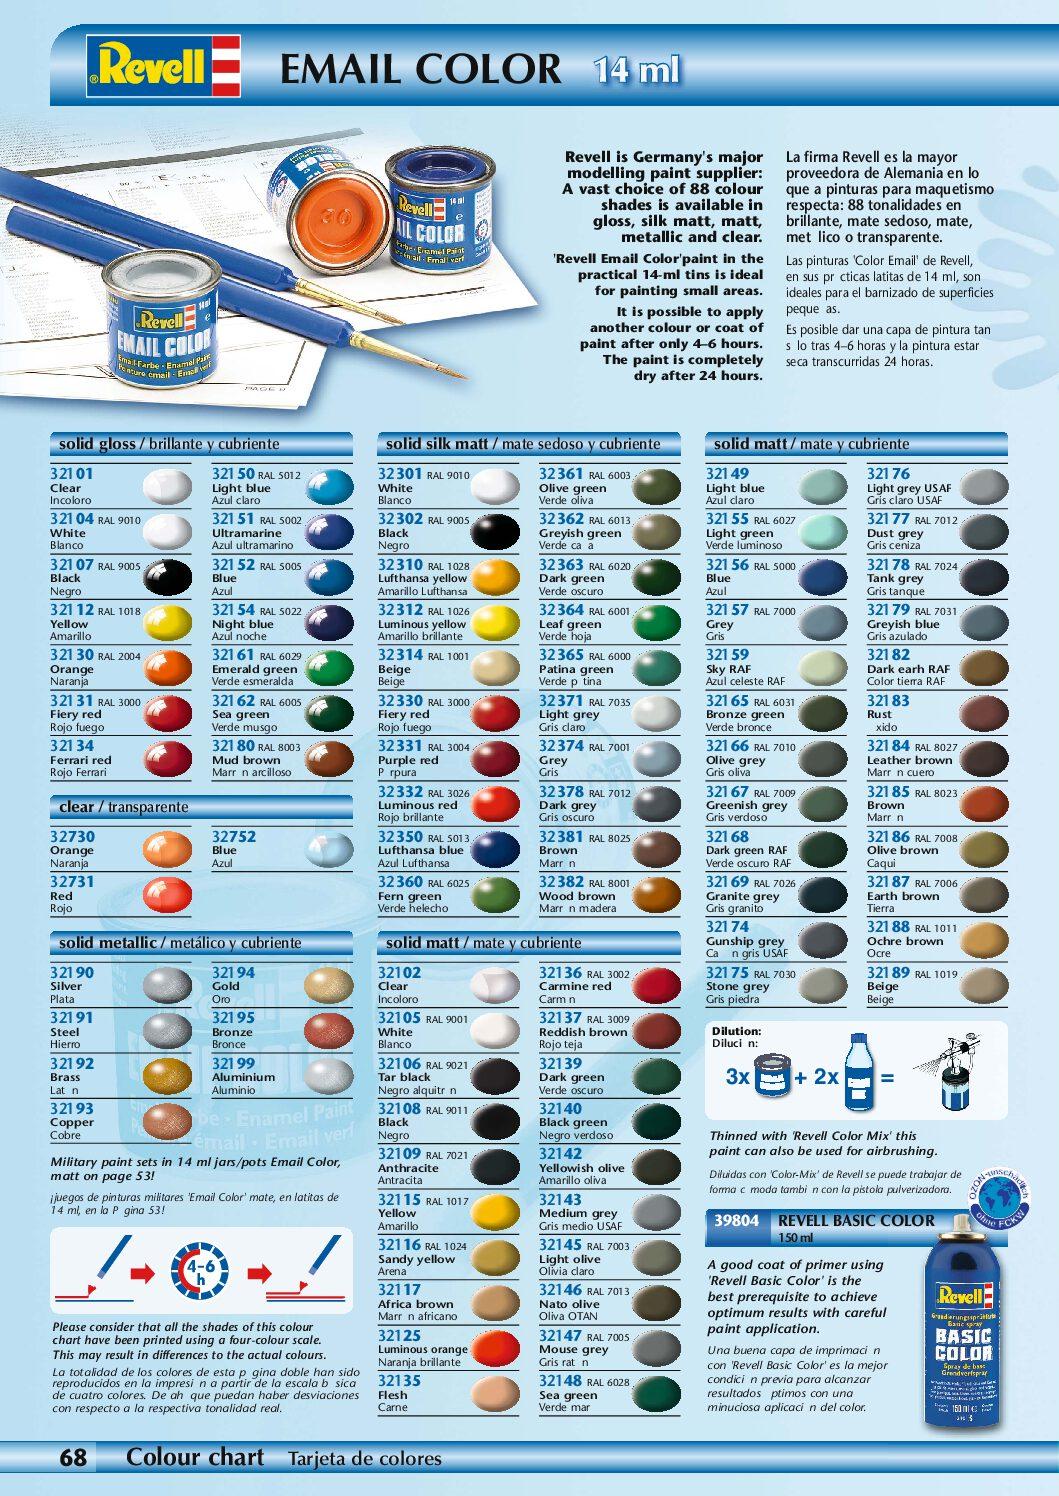 Revell 50 lichtblauw RAL 5012 glanzend modelbouwverf en hobbyverf Revell Color enamel verf 14 ml 32150